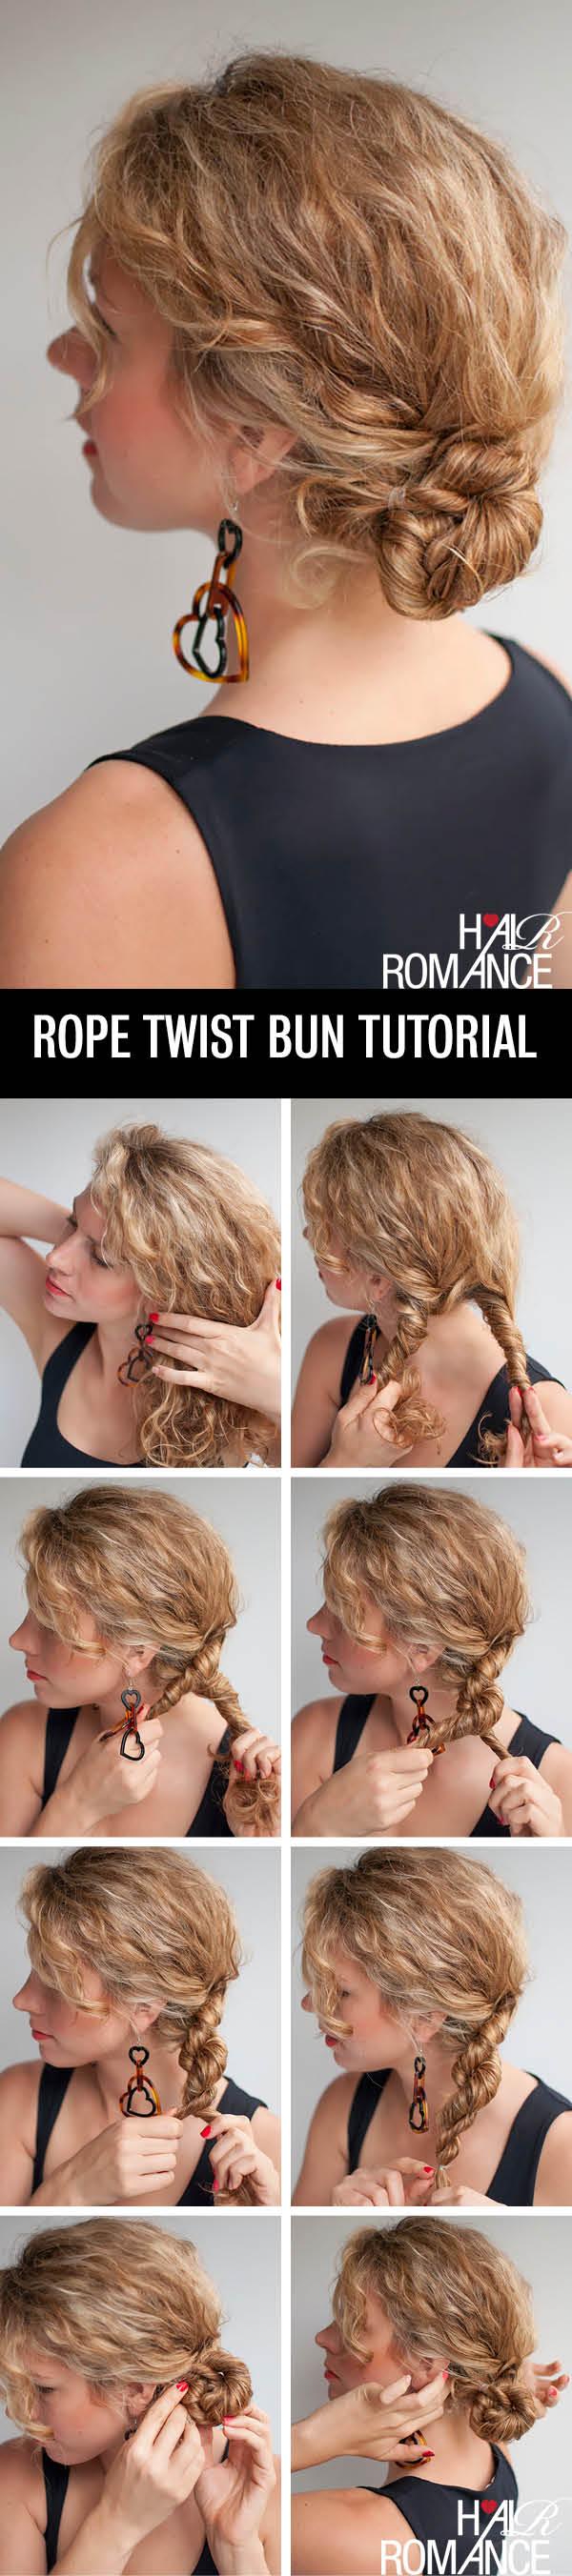 Hair Romance - rope twist braid bun hairstyle tutorial for curly hair